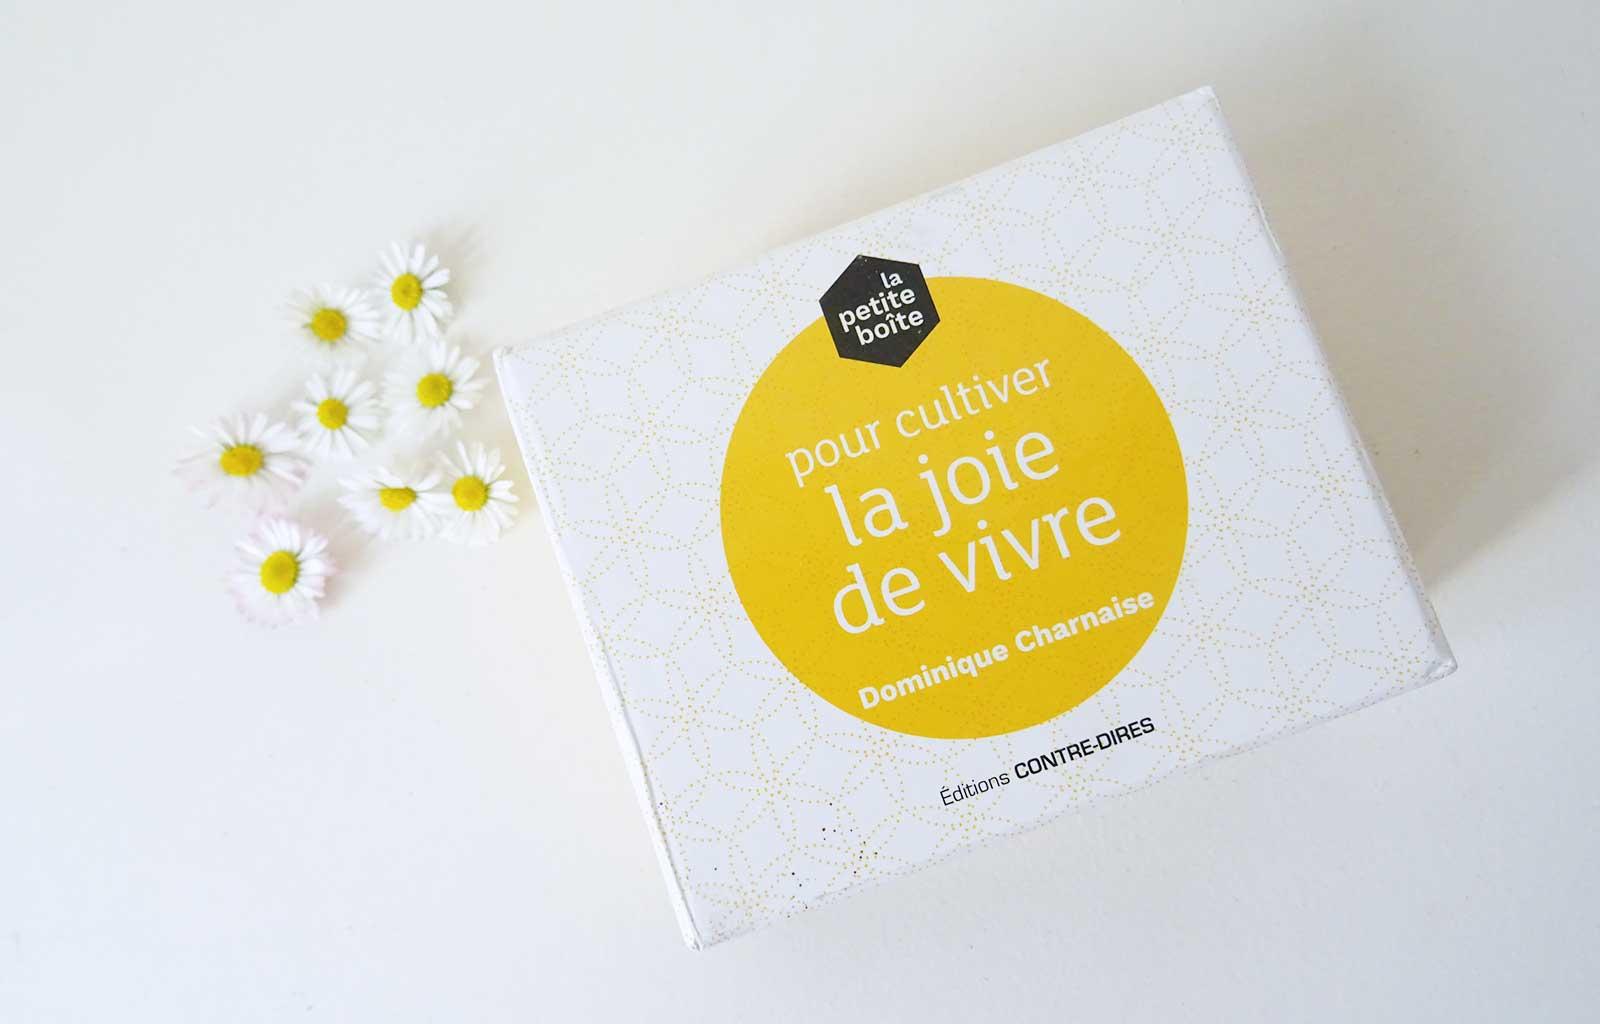 """""""la petite boîte pour cultiver la joie de vivre"""" dominique charnaise éditions contre-dires"""